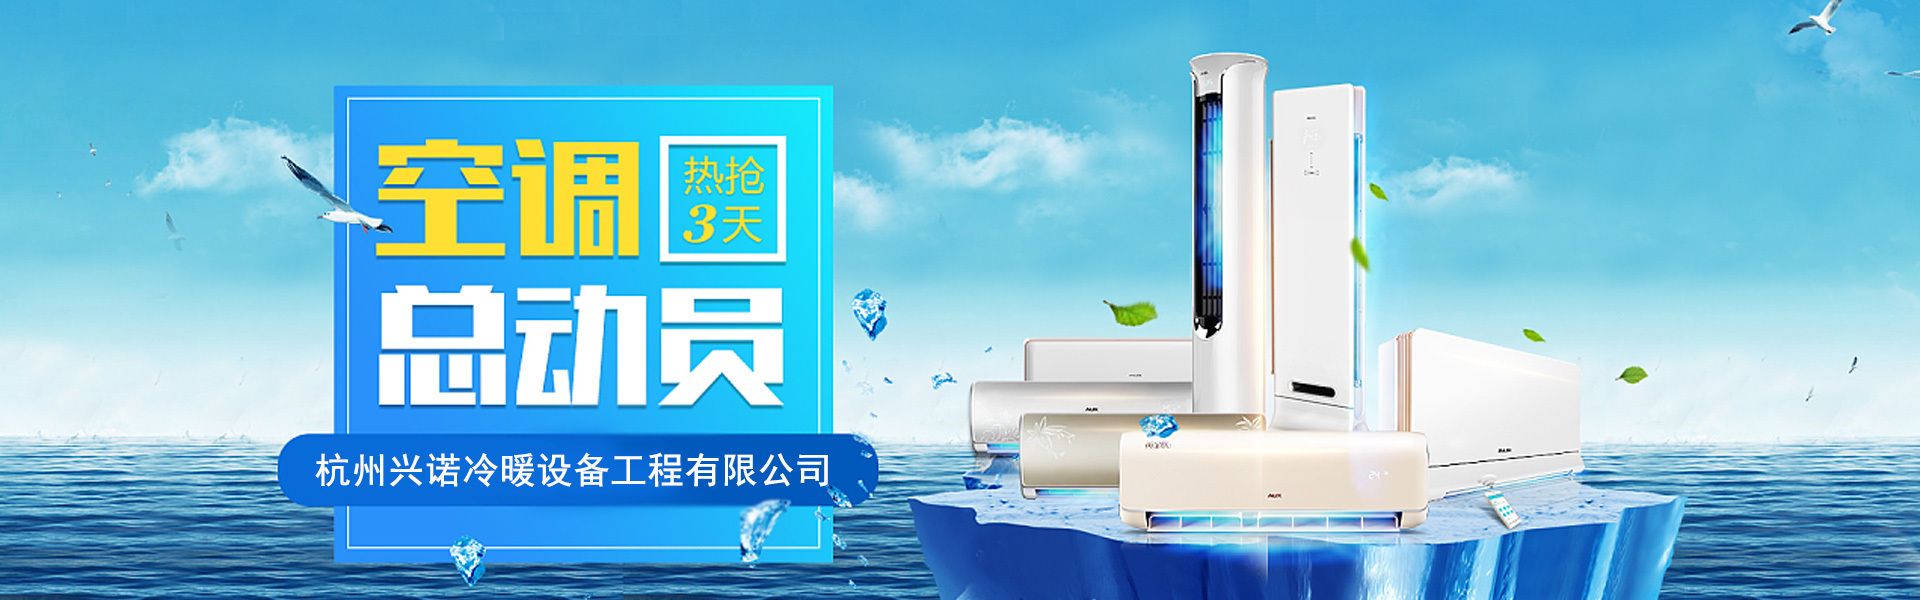 杭州志高空调质量